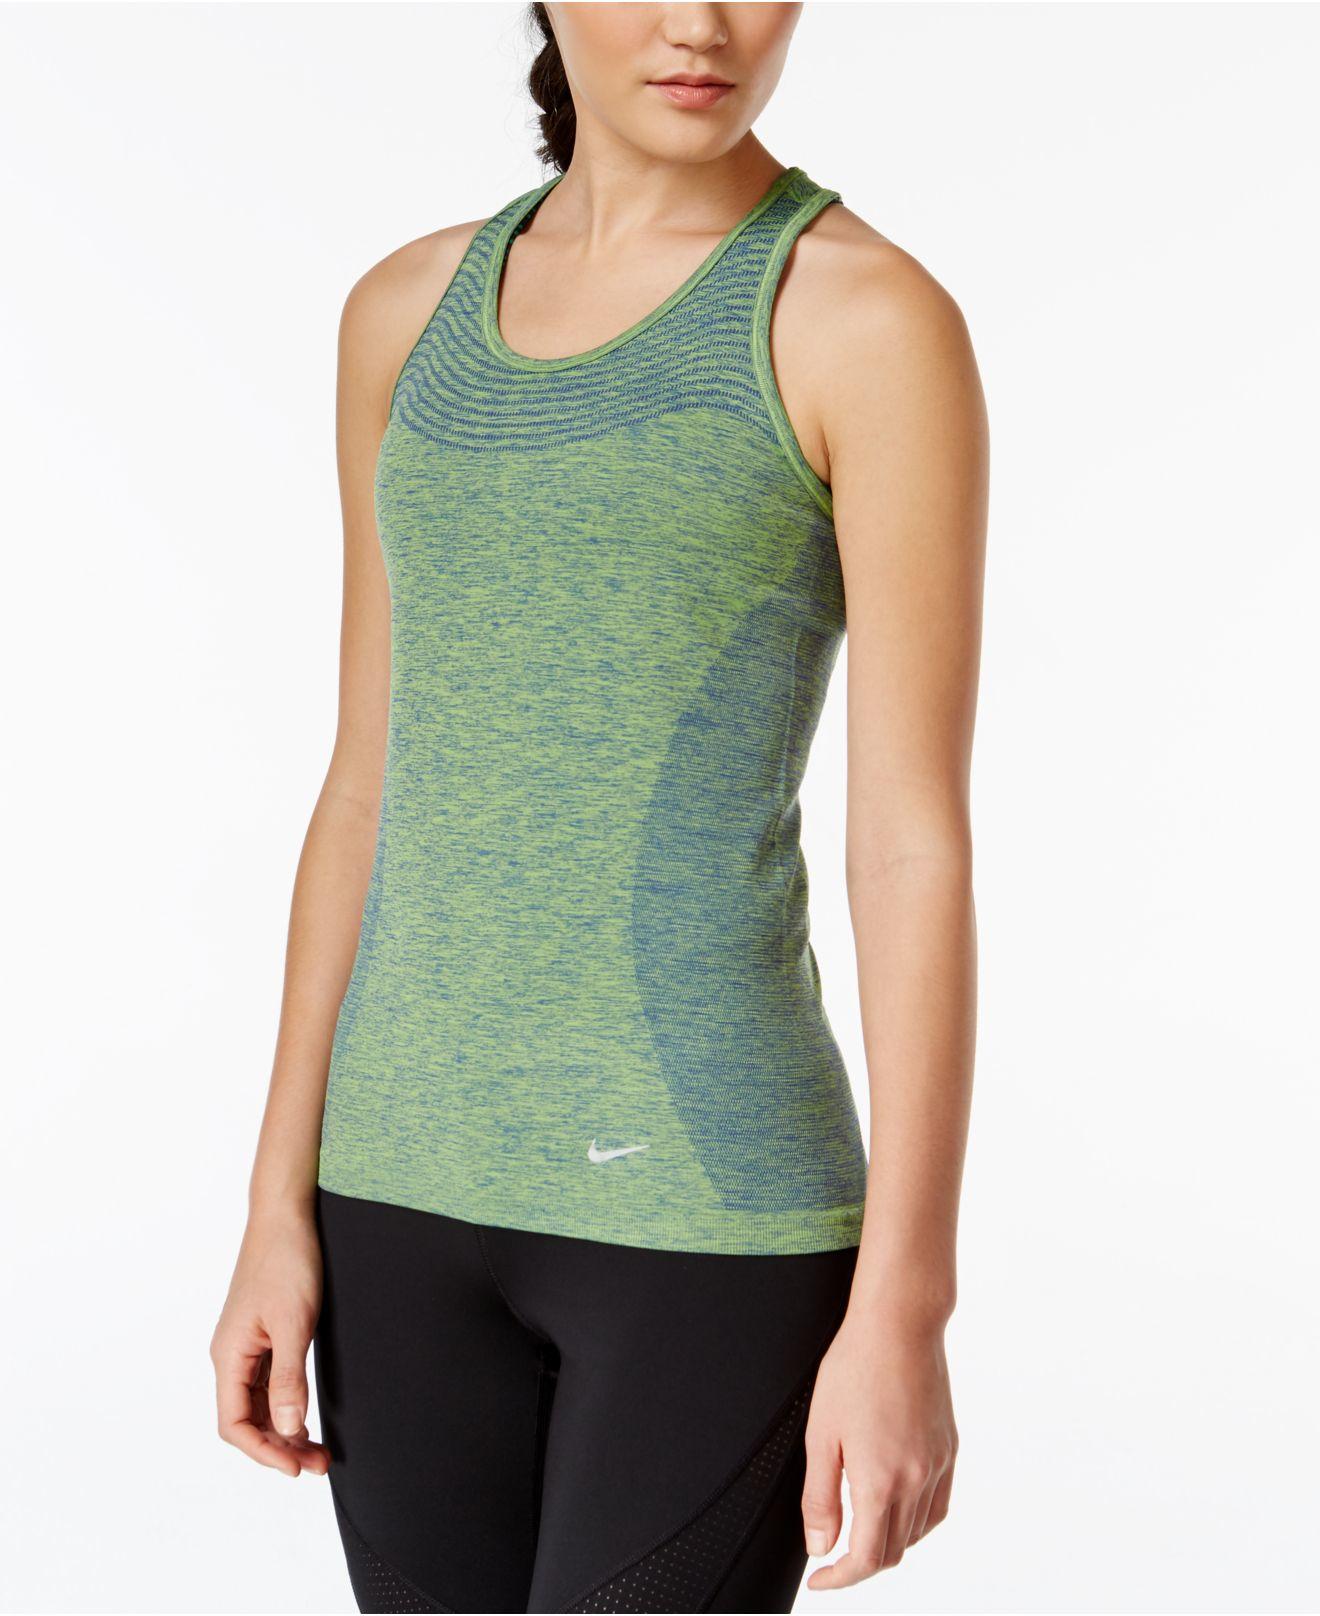 57df5dbeea4360 Lyst - Nike Women s Dri-fit Knit Running Tank Top in Green